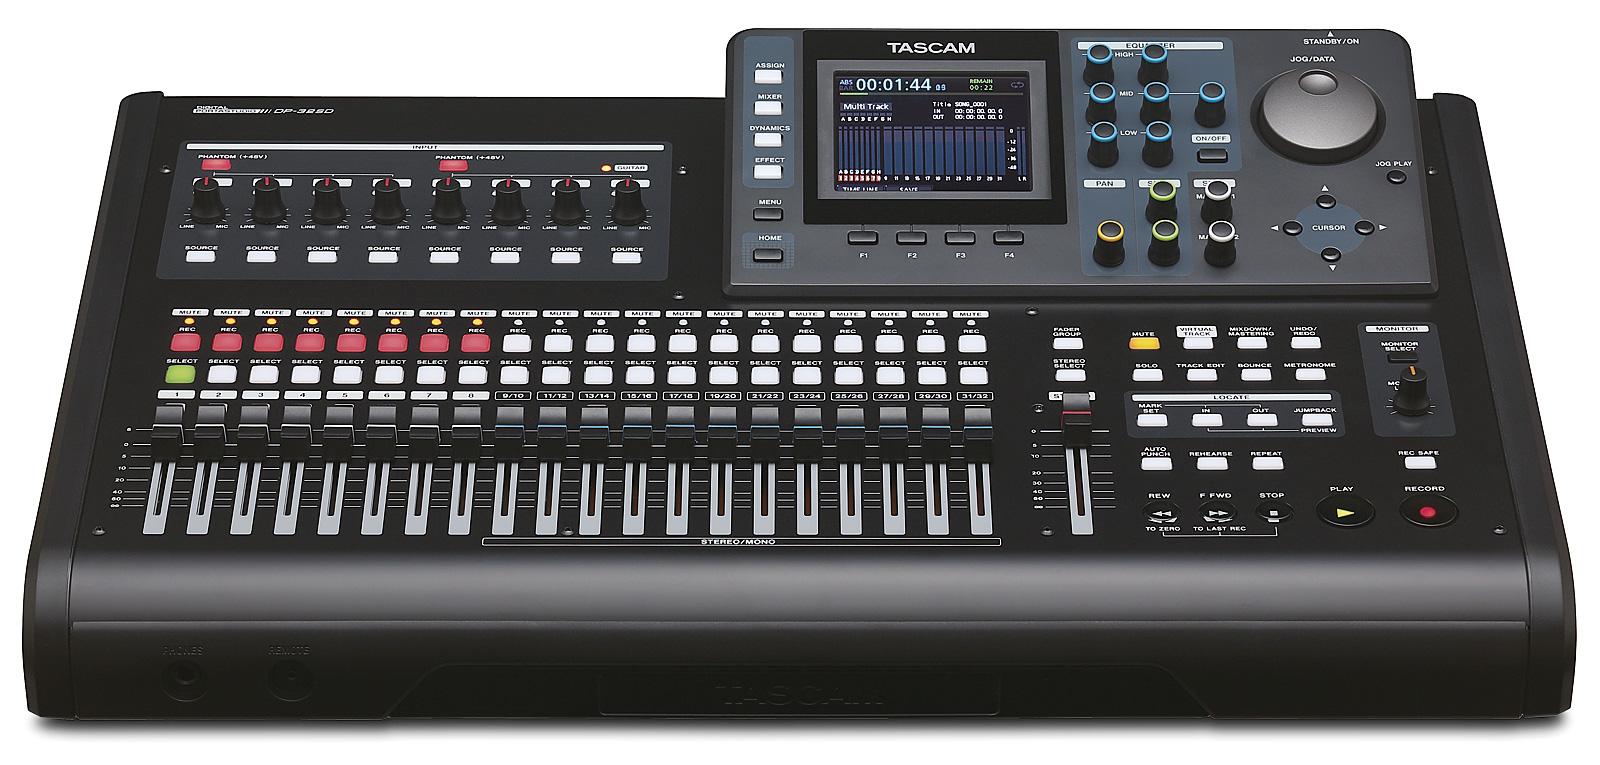 Billede af Tascam DP-32SD digital 32 track recorder